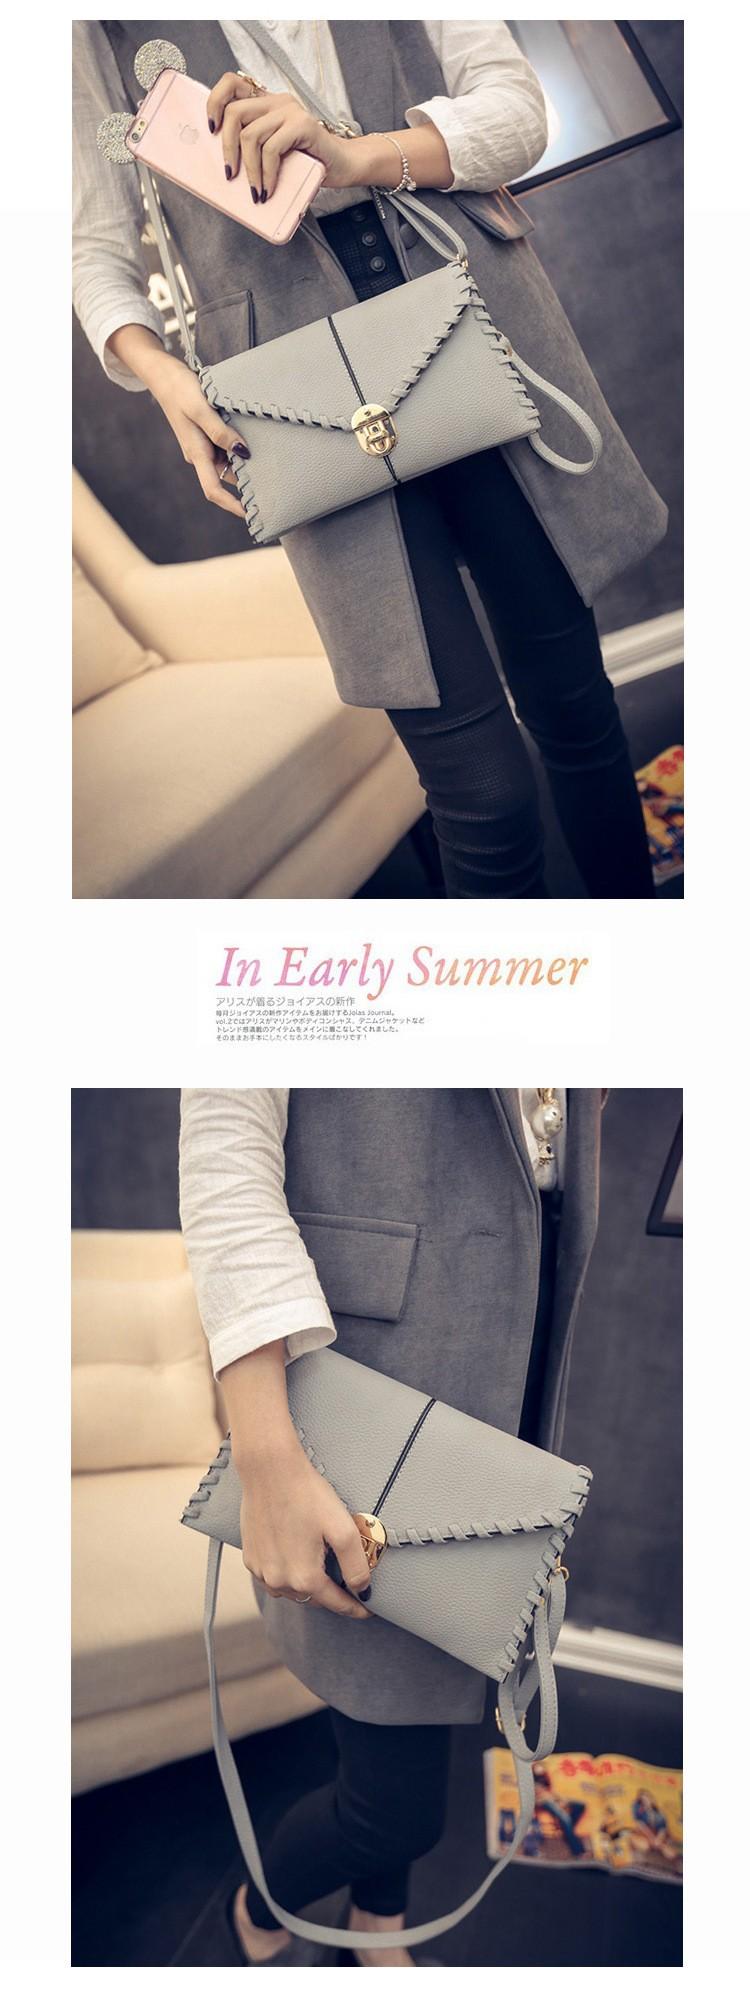 abed810ea1868 Femmes Sacs Au Début du Printemps Nouveau Rétro Enveloppe Paquet Loisirs  Tendance Tissage Femelle Forfaits Verrouillage De Mode Sac À Main Messenger  Sac